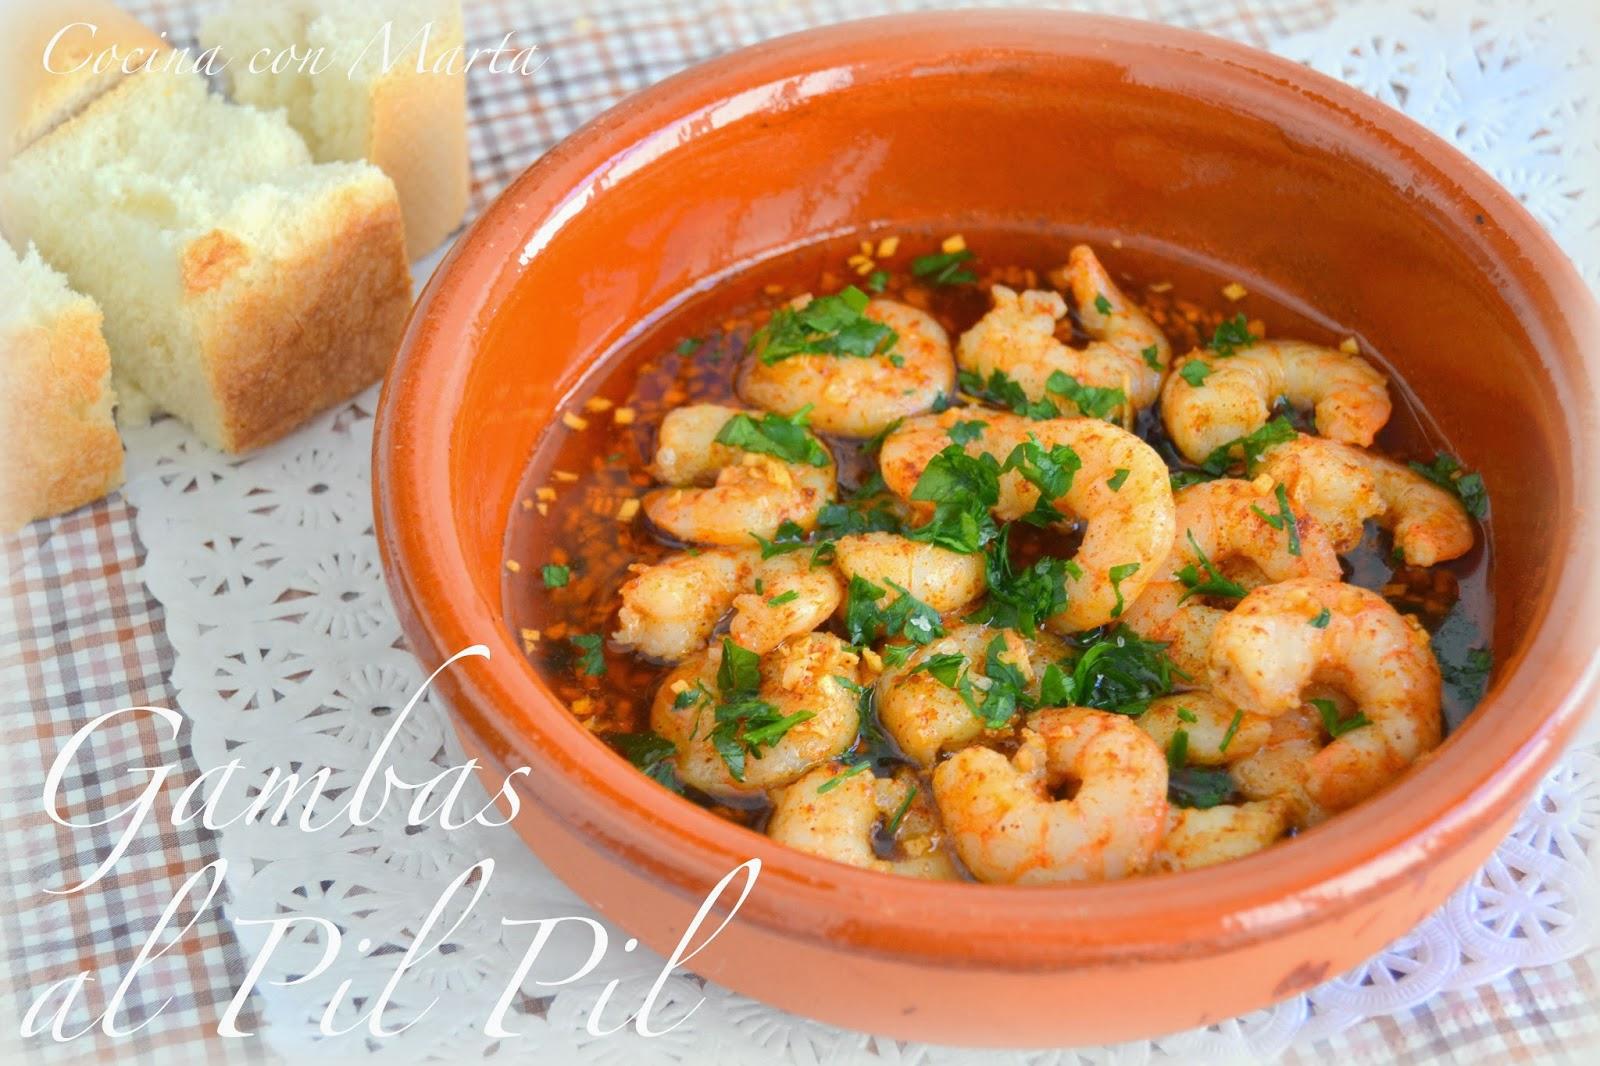 Cocina con Marta Recetas fciles rpidas y caseras Para picar